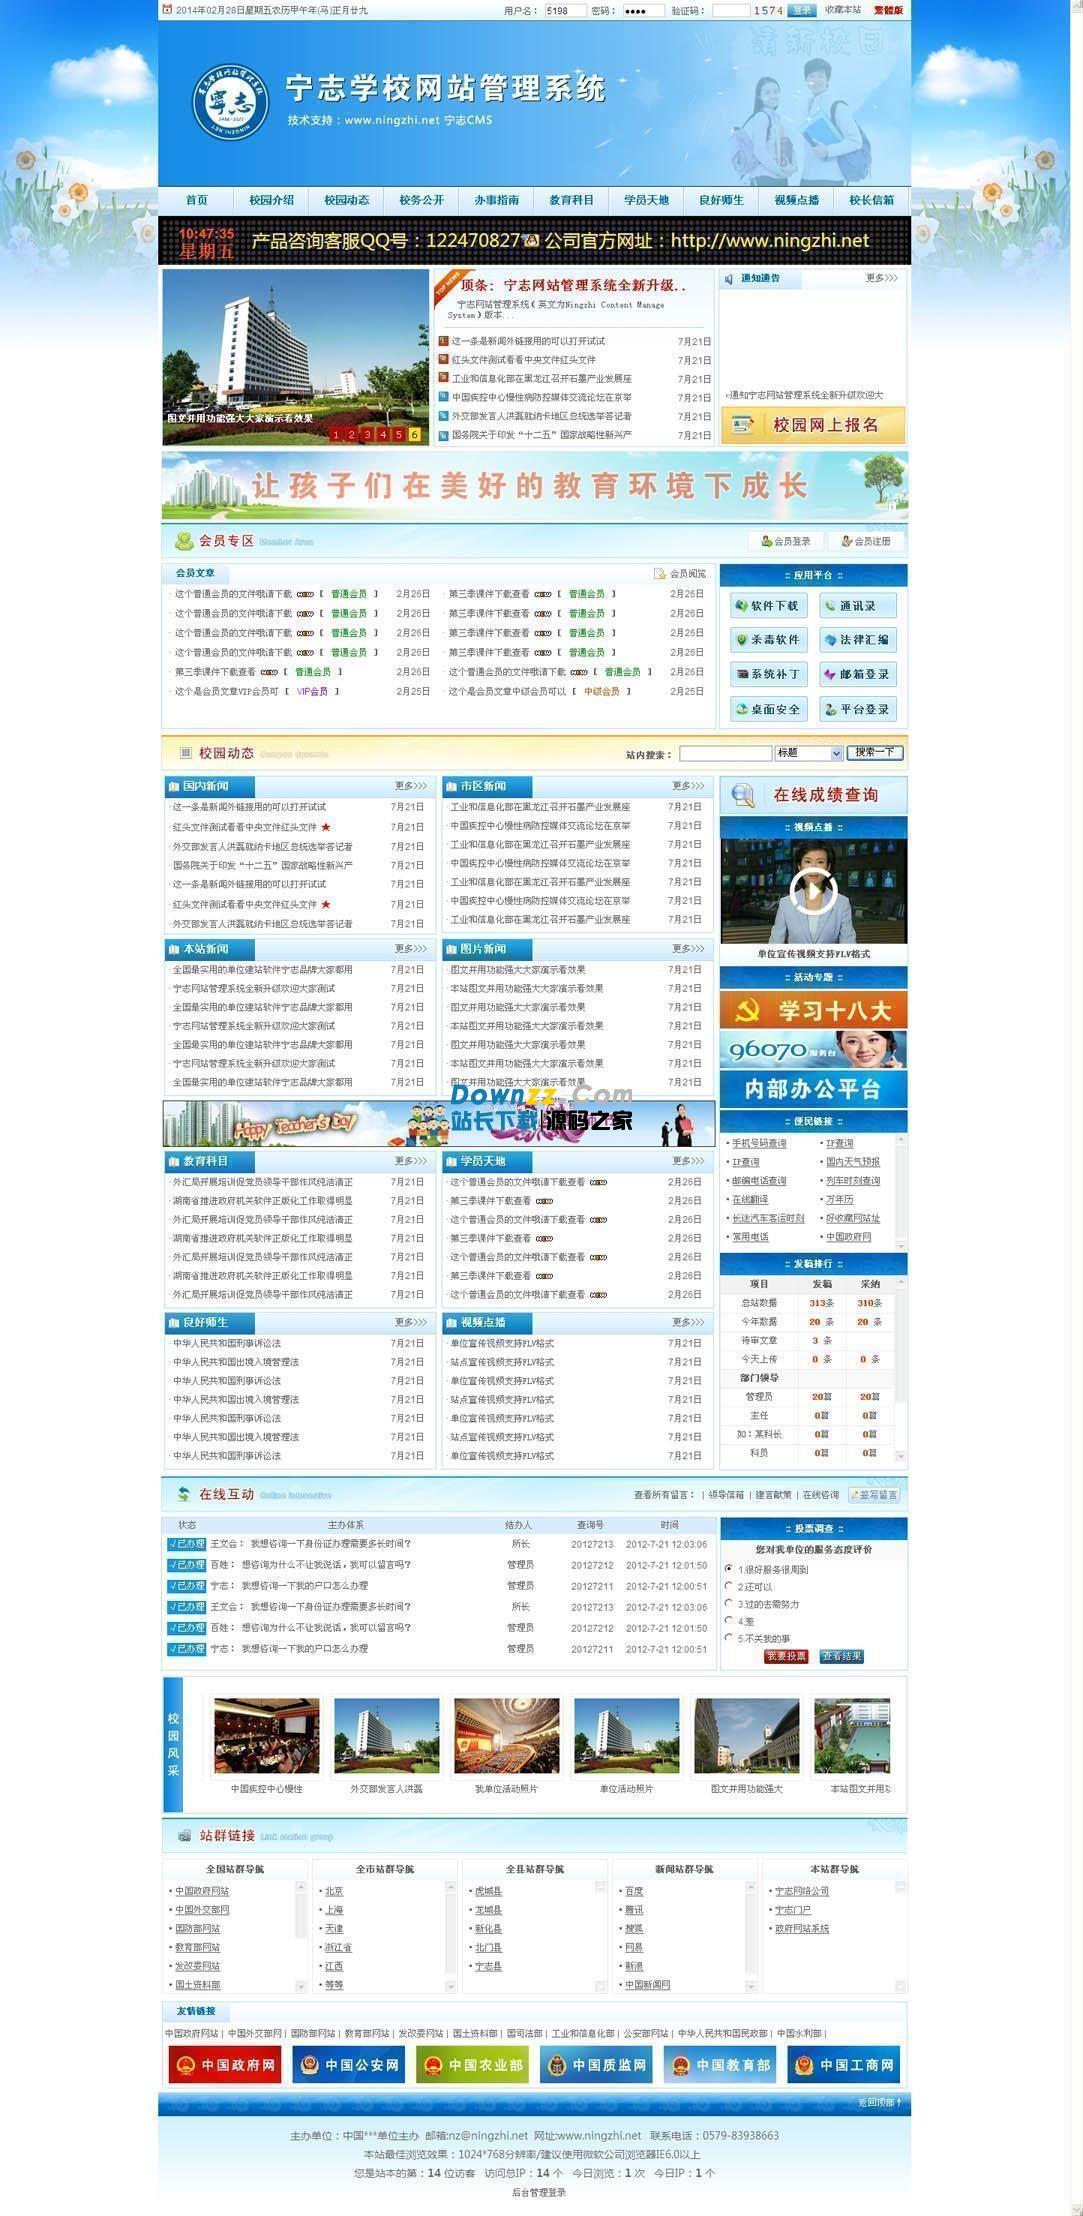 宁志天蓝色中小学校网站管理系统 宽屏 v18.6.12